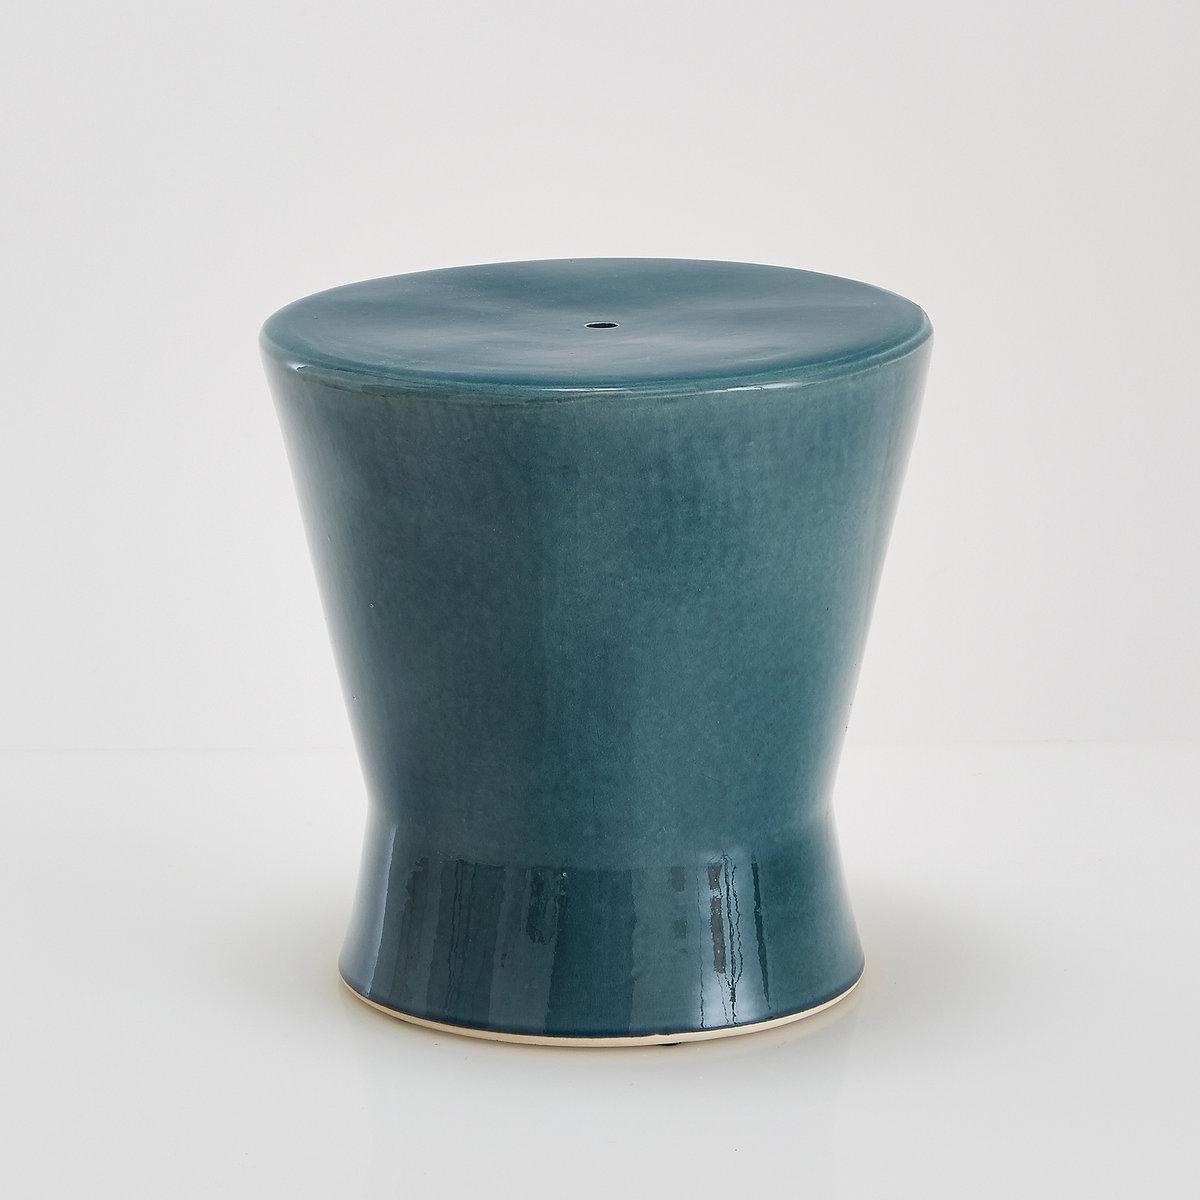 Столик журнальный или прикроватный из керамики, AmibiСтолик журнальный или прикроватный из керамики Amibi . Выберите декоративную модель из эмалированной керамики Amibi в аутентичном строгом стиле, которая может служить вспомогательным или прикроватным столиком   . Характеристики столика Amibi   :Эмалированная керамика.Размеры столика Amibi :Общие Диаметр : 40 смВысота : 40 смДругие предметы декора - в коллекции на сайте laredoute..Размеры и вес ящика :1 упаковка50 x 53 x 51 см9 кгДоставка :Столик Amibi будет доставлен до вашей квартиры !Внимание ! Убедитесь, что посылку возможно доставить на дом, учитывая ее габариты.:..<br><br>Цвет: бирюзовый<br>Размер: единый размер